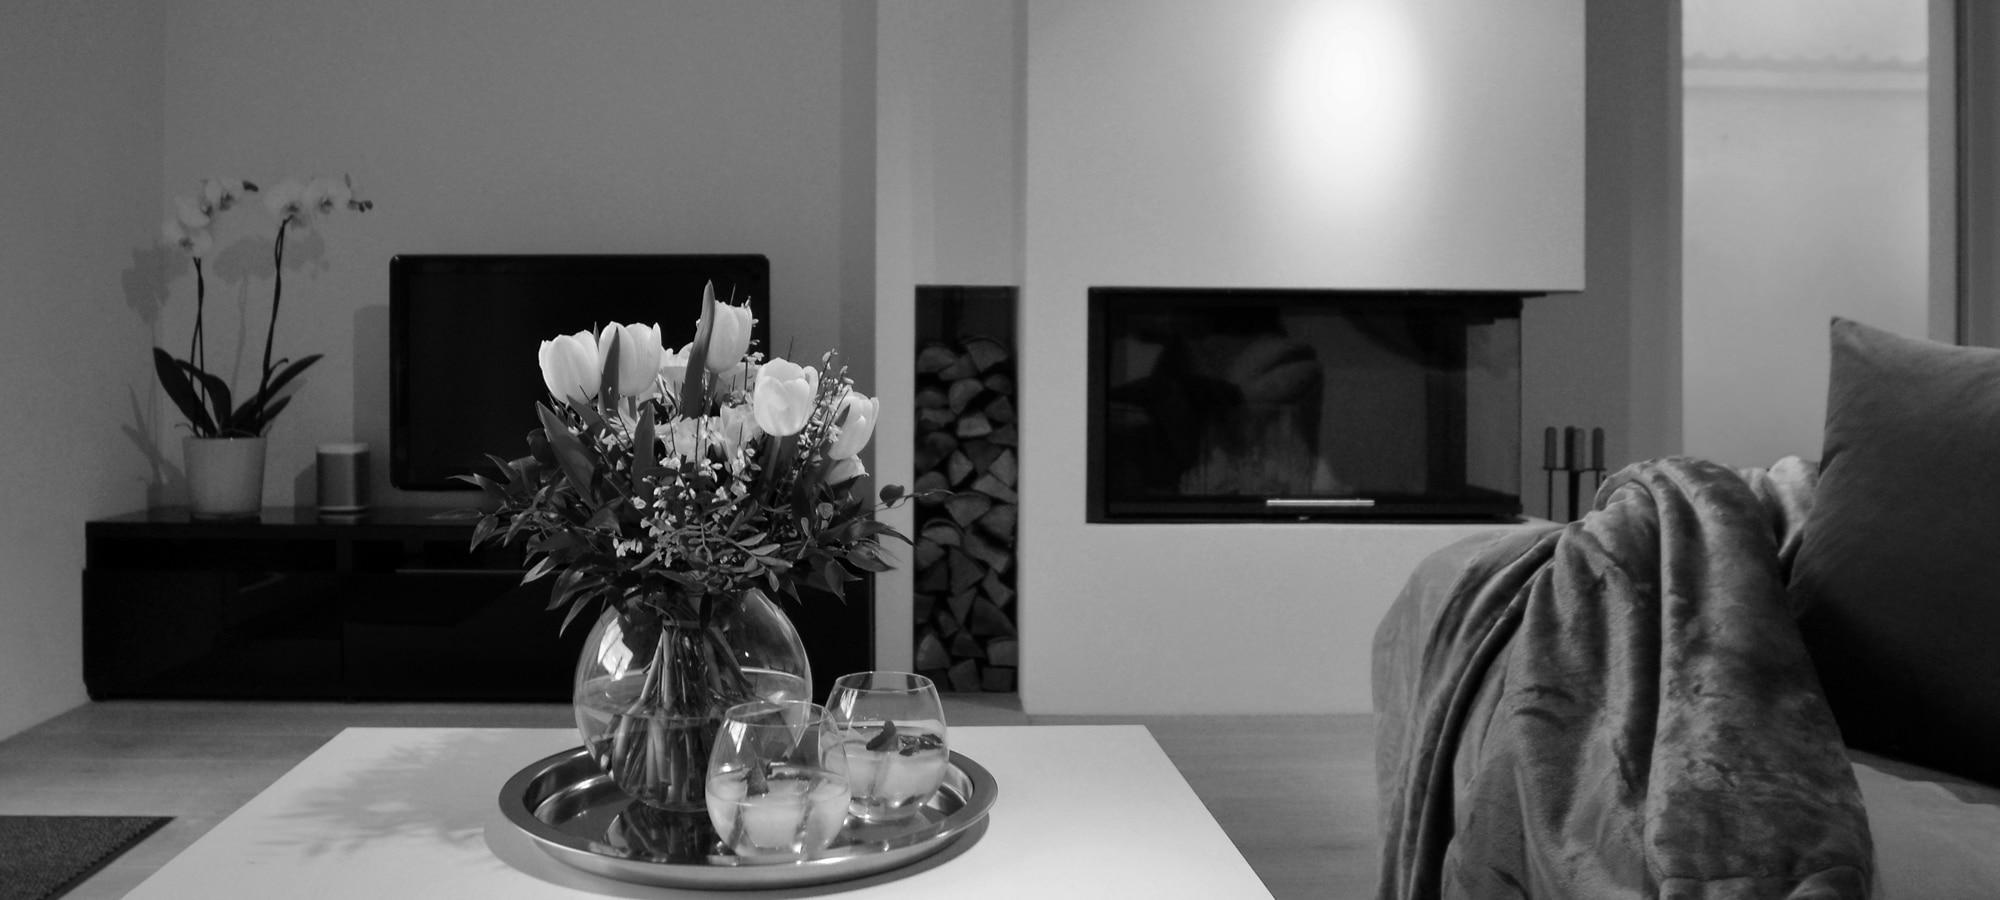 Planung Entwurf Bauvorhaben Modernisierung by Architektin AKNW Dipl.-Ing. Lubov · Architekt / Architekturbüro Köln · Planung Visualisierung Bauleitung